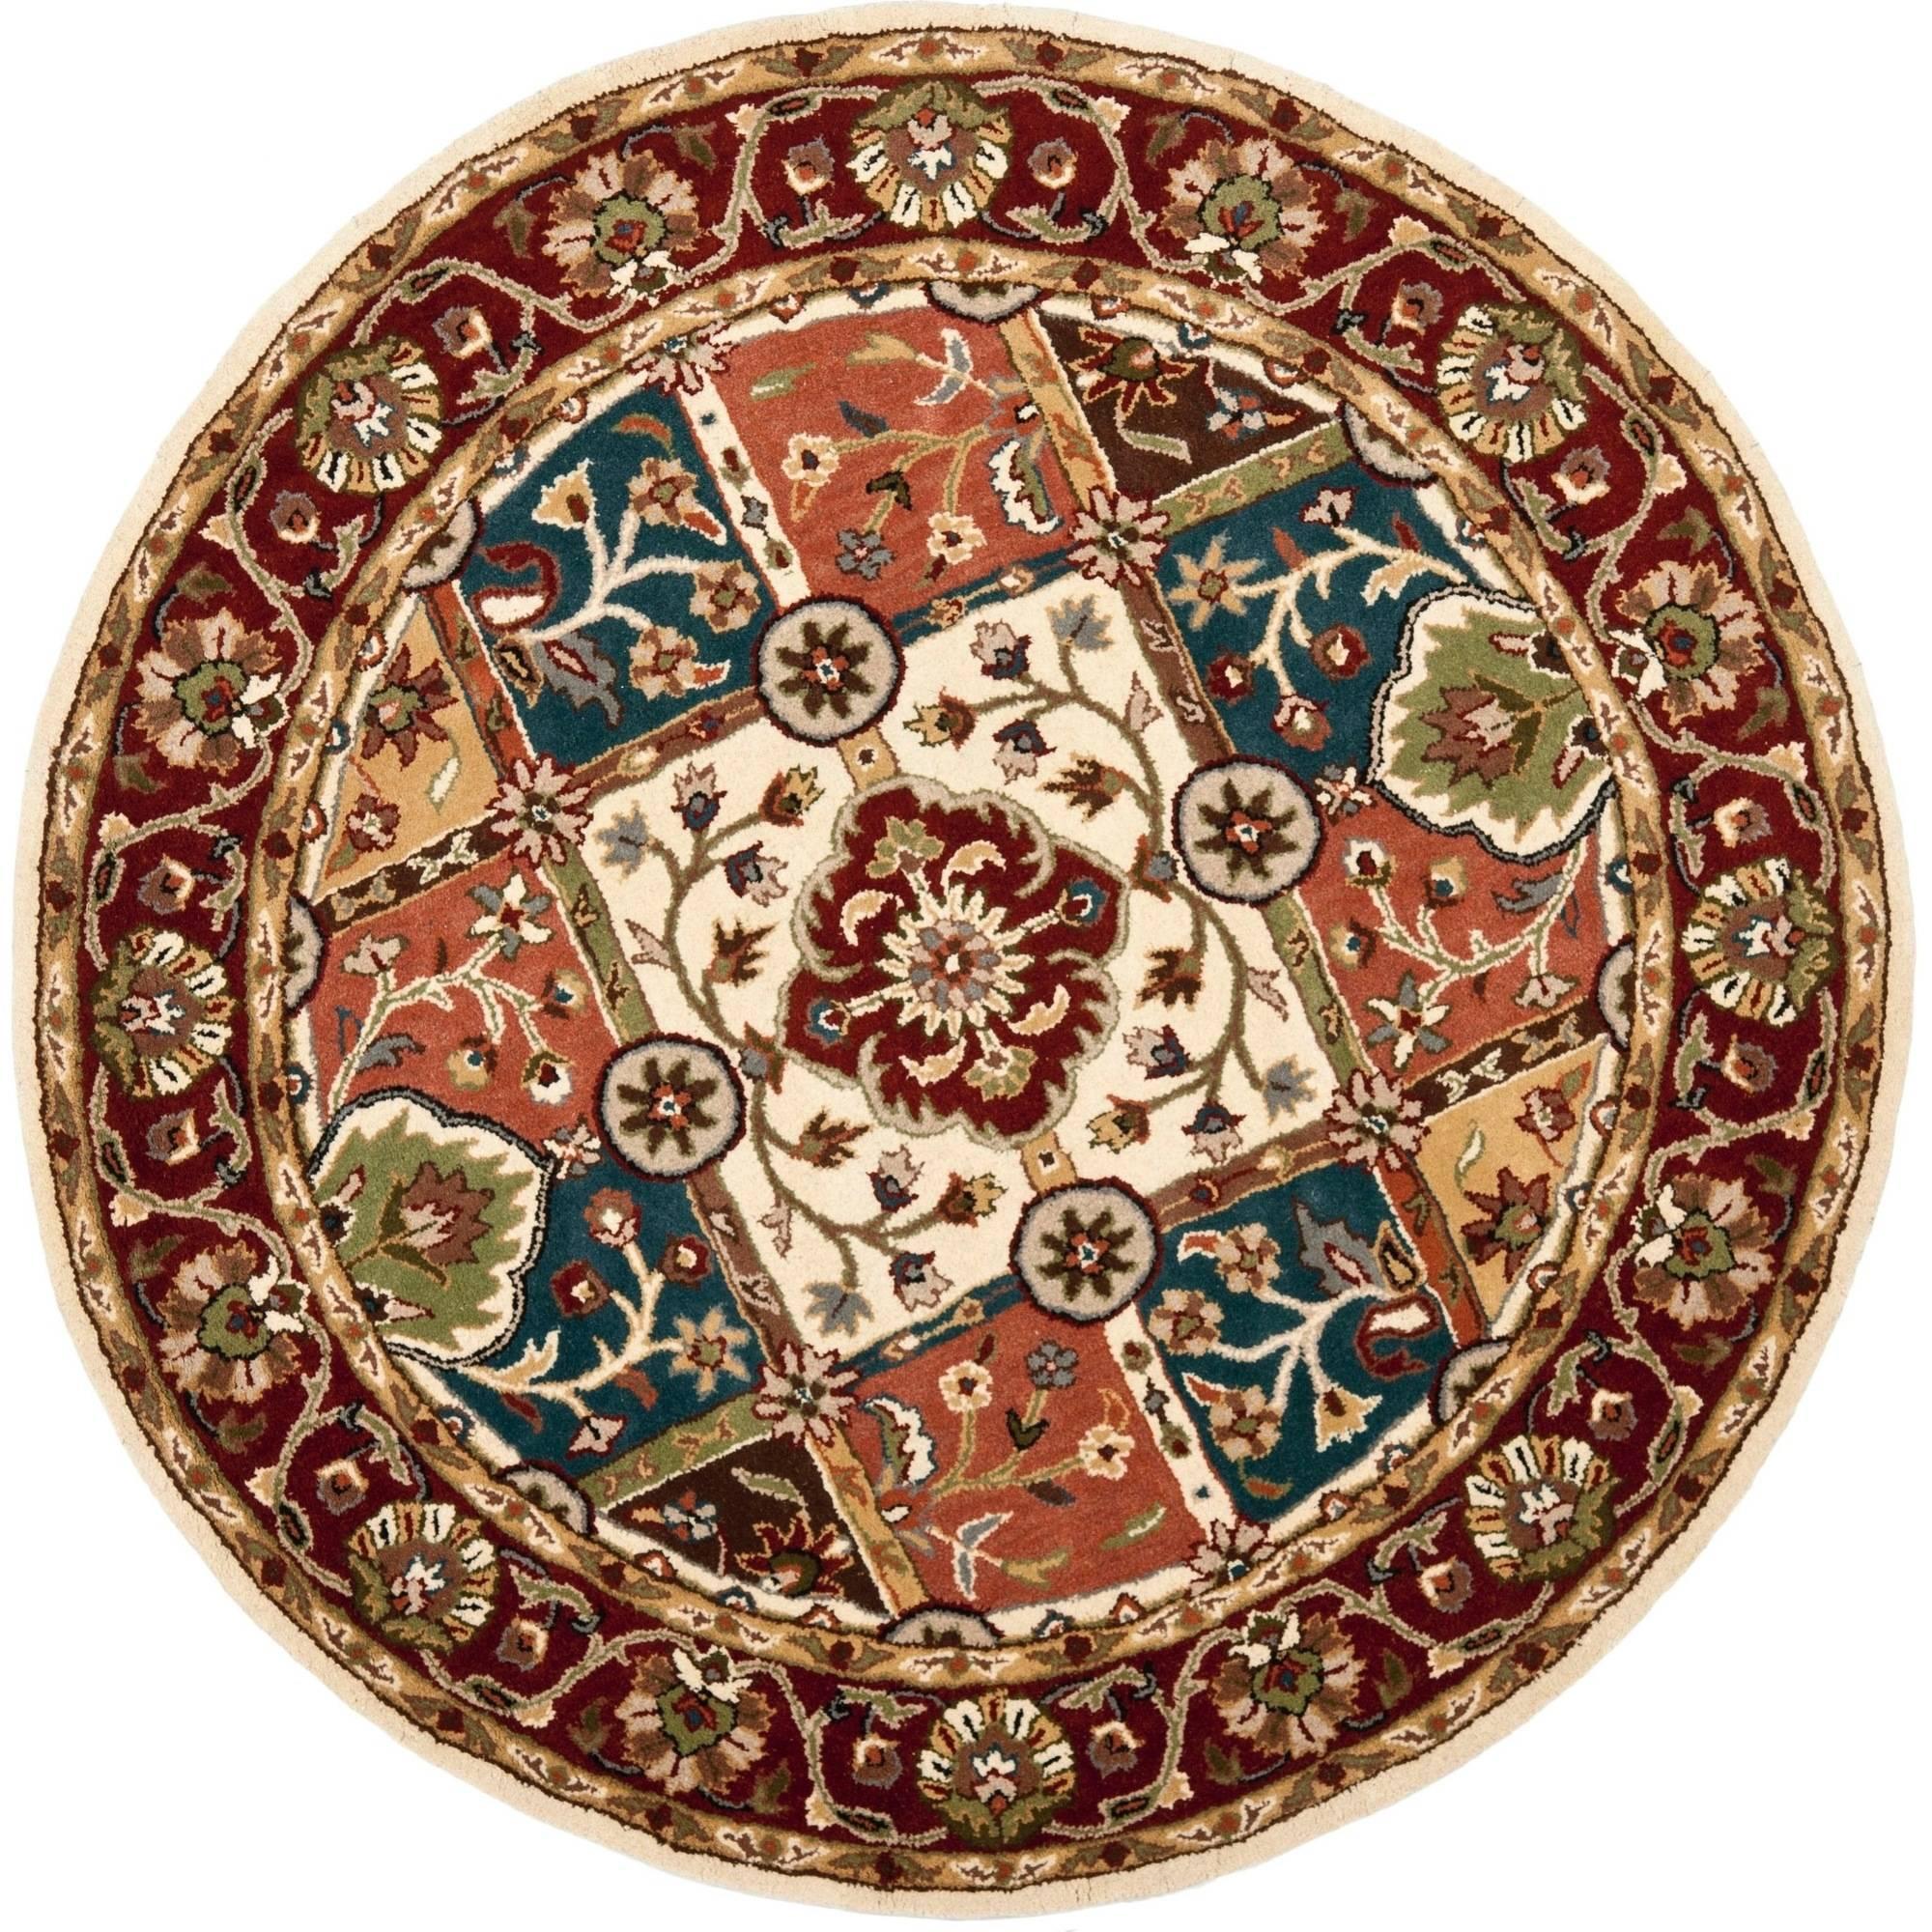 Safavieh Heritage Edin Hand-Tufted Wool Area Rug, Multi/Red